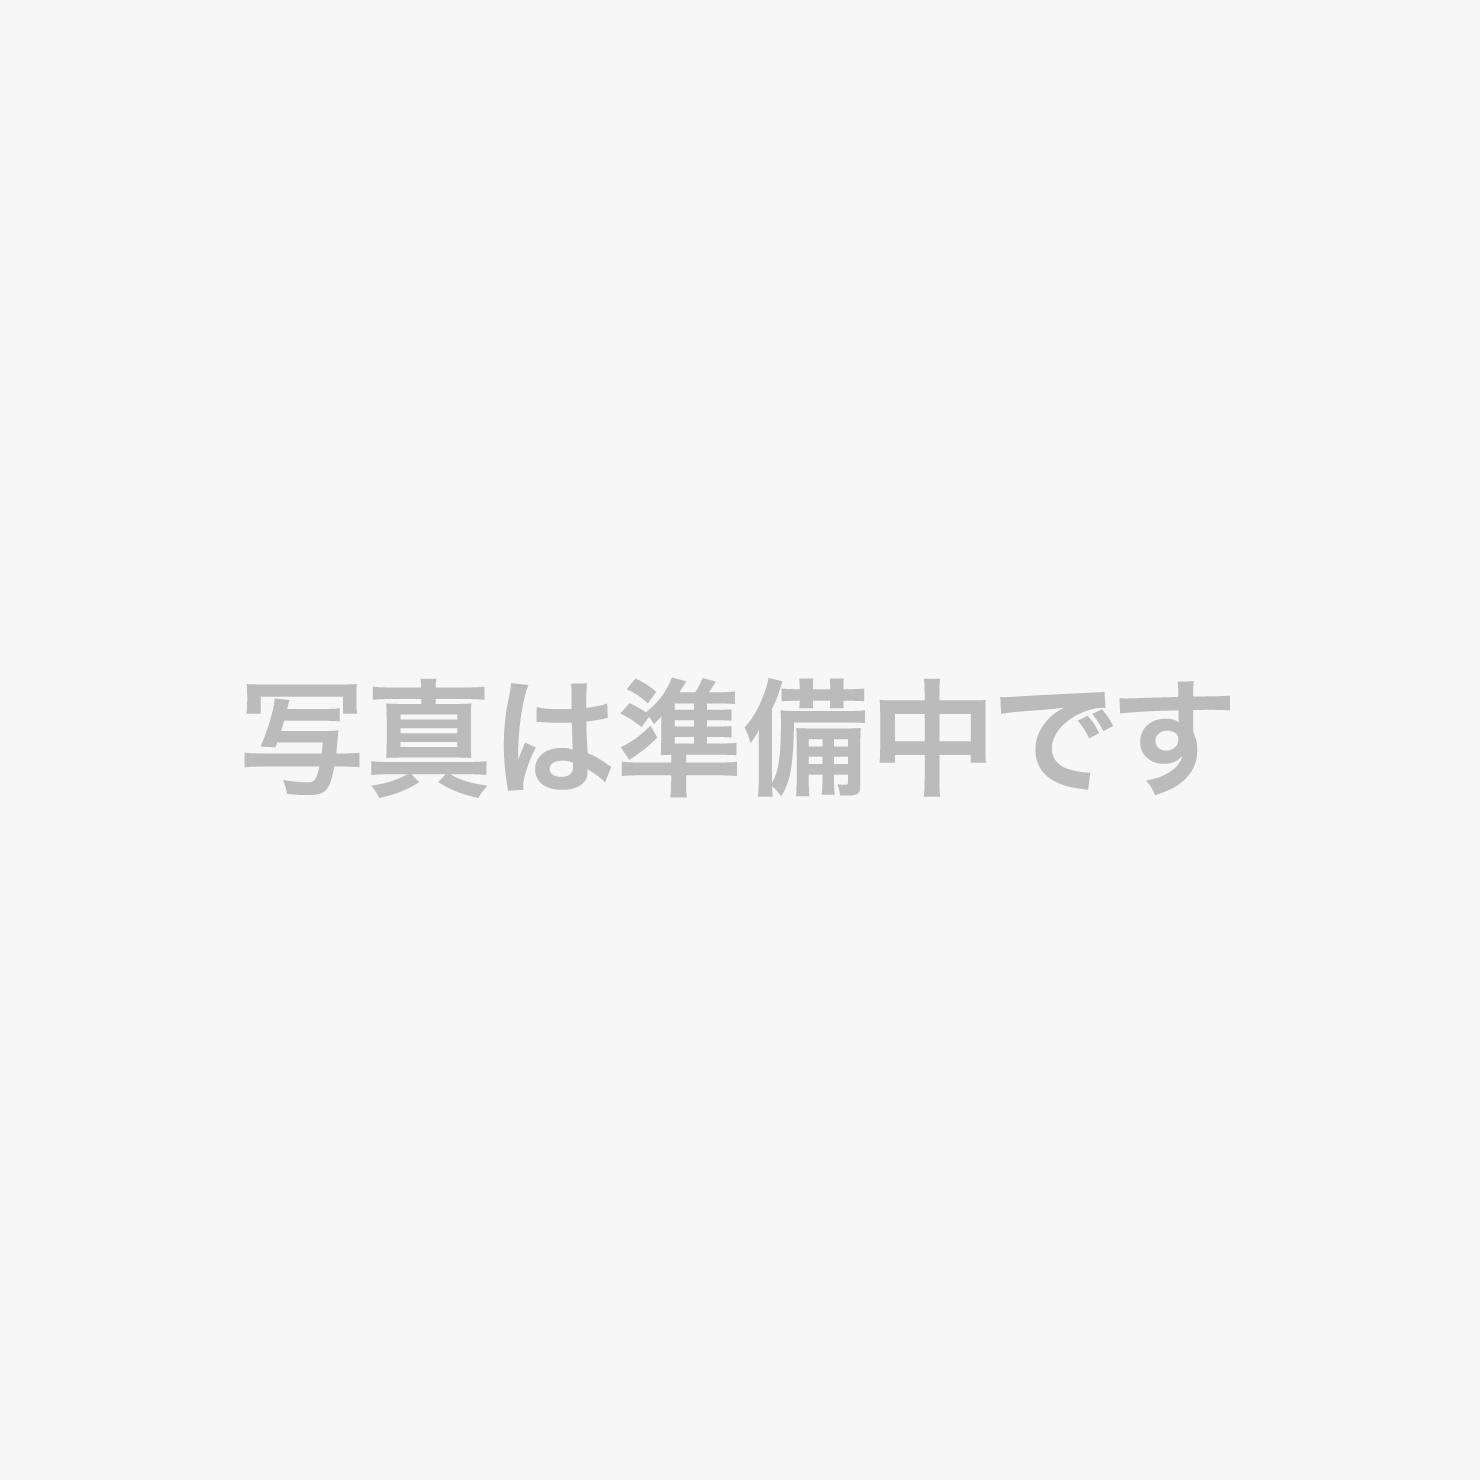 【倉敷天満屋】徒歩2分